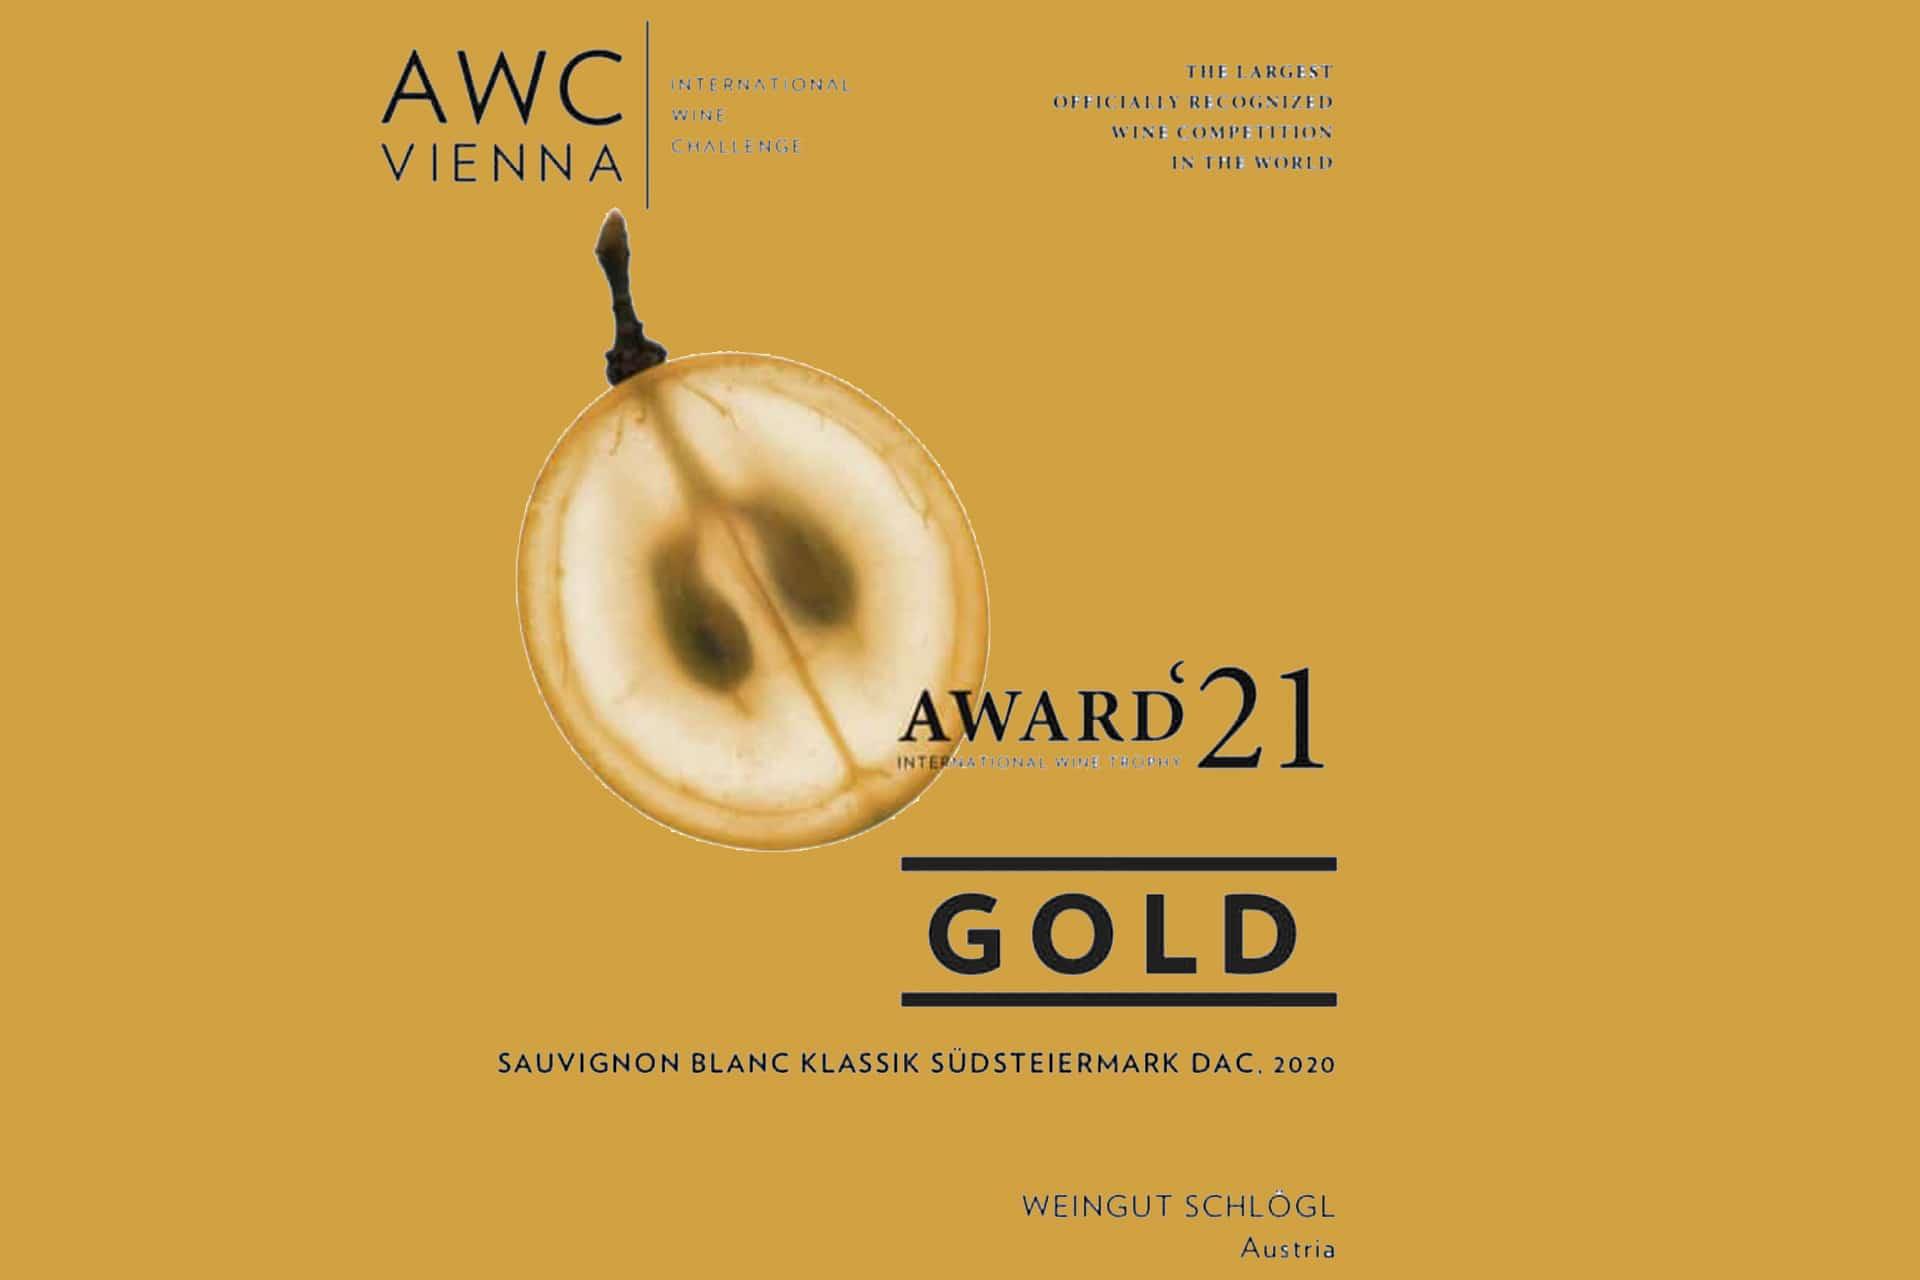 awc, Auszeichnung in Gold, SB Klassik DAC Südsteiermakr 2020, Weingut Schlögl, Titel1920, Gold Style